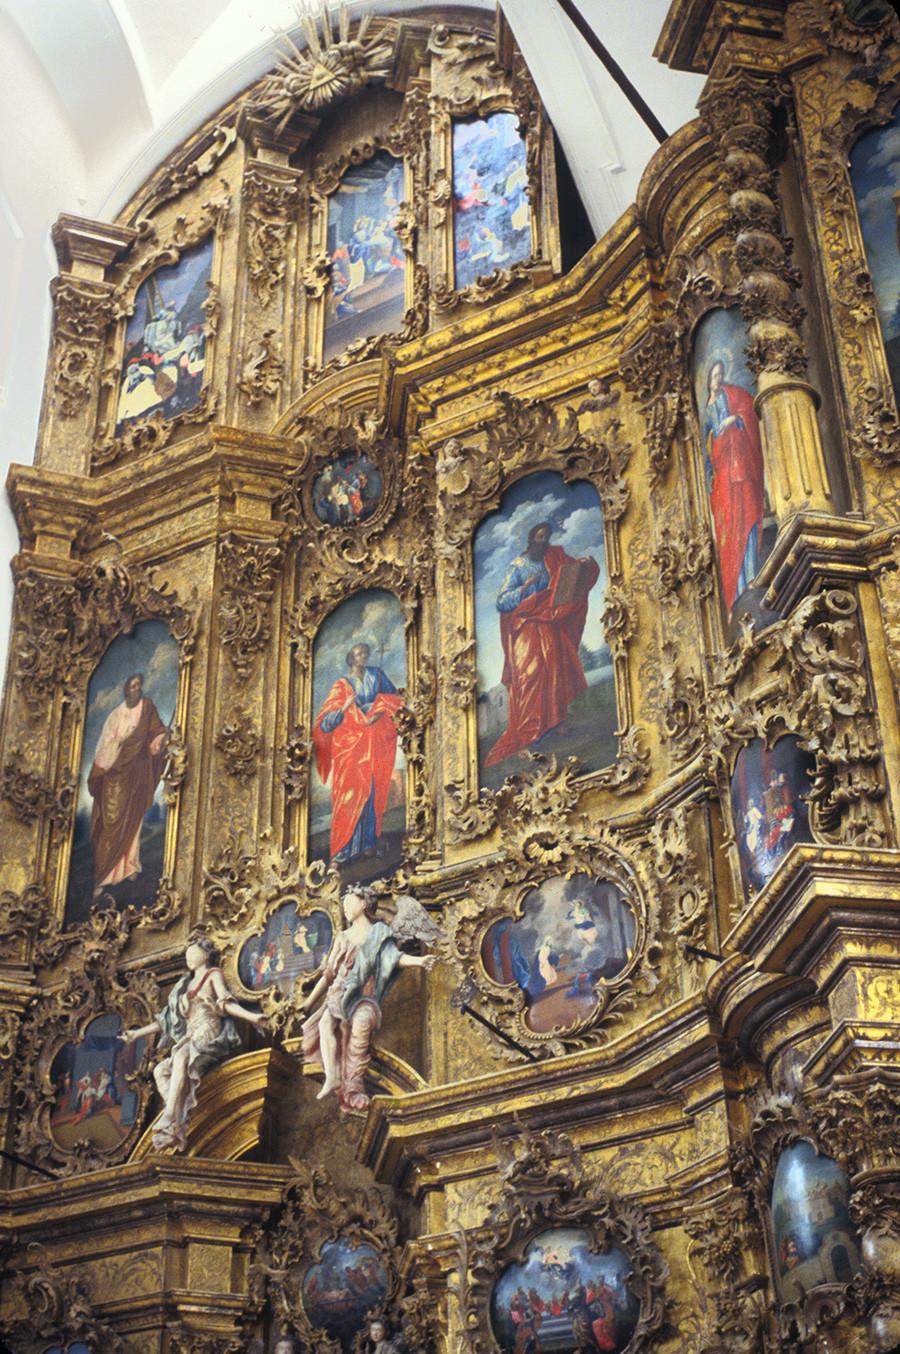 Monastère de la Trinité de Gleden. Iconostase de la cathédrale de la Trinité. Vue d'ensemble du segment de gauche